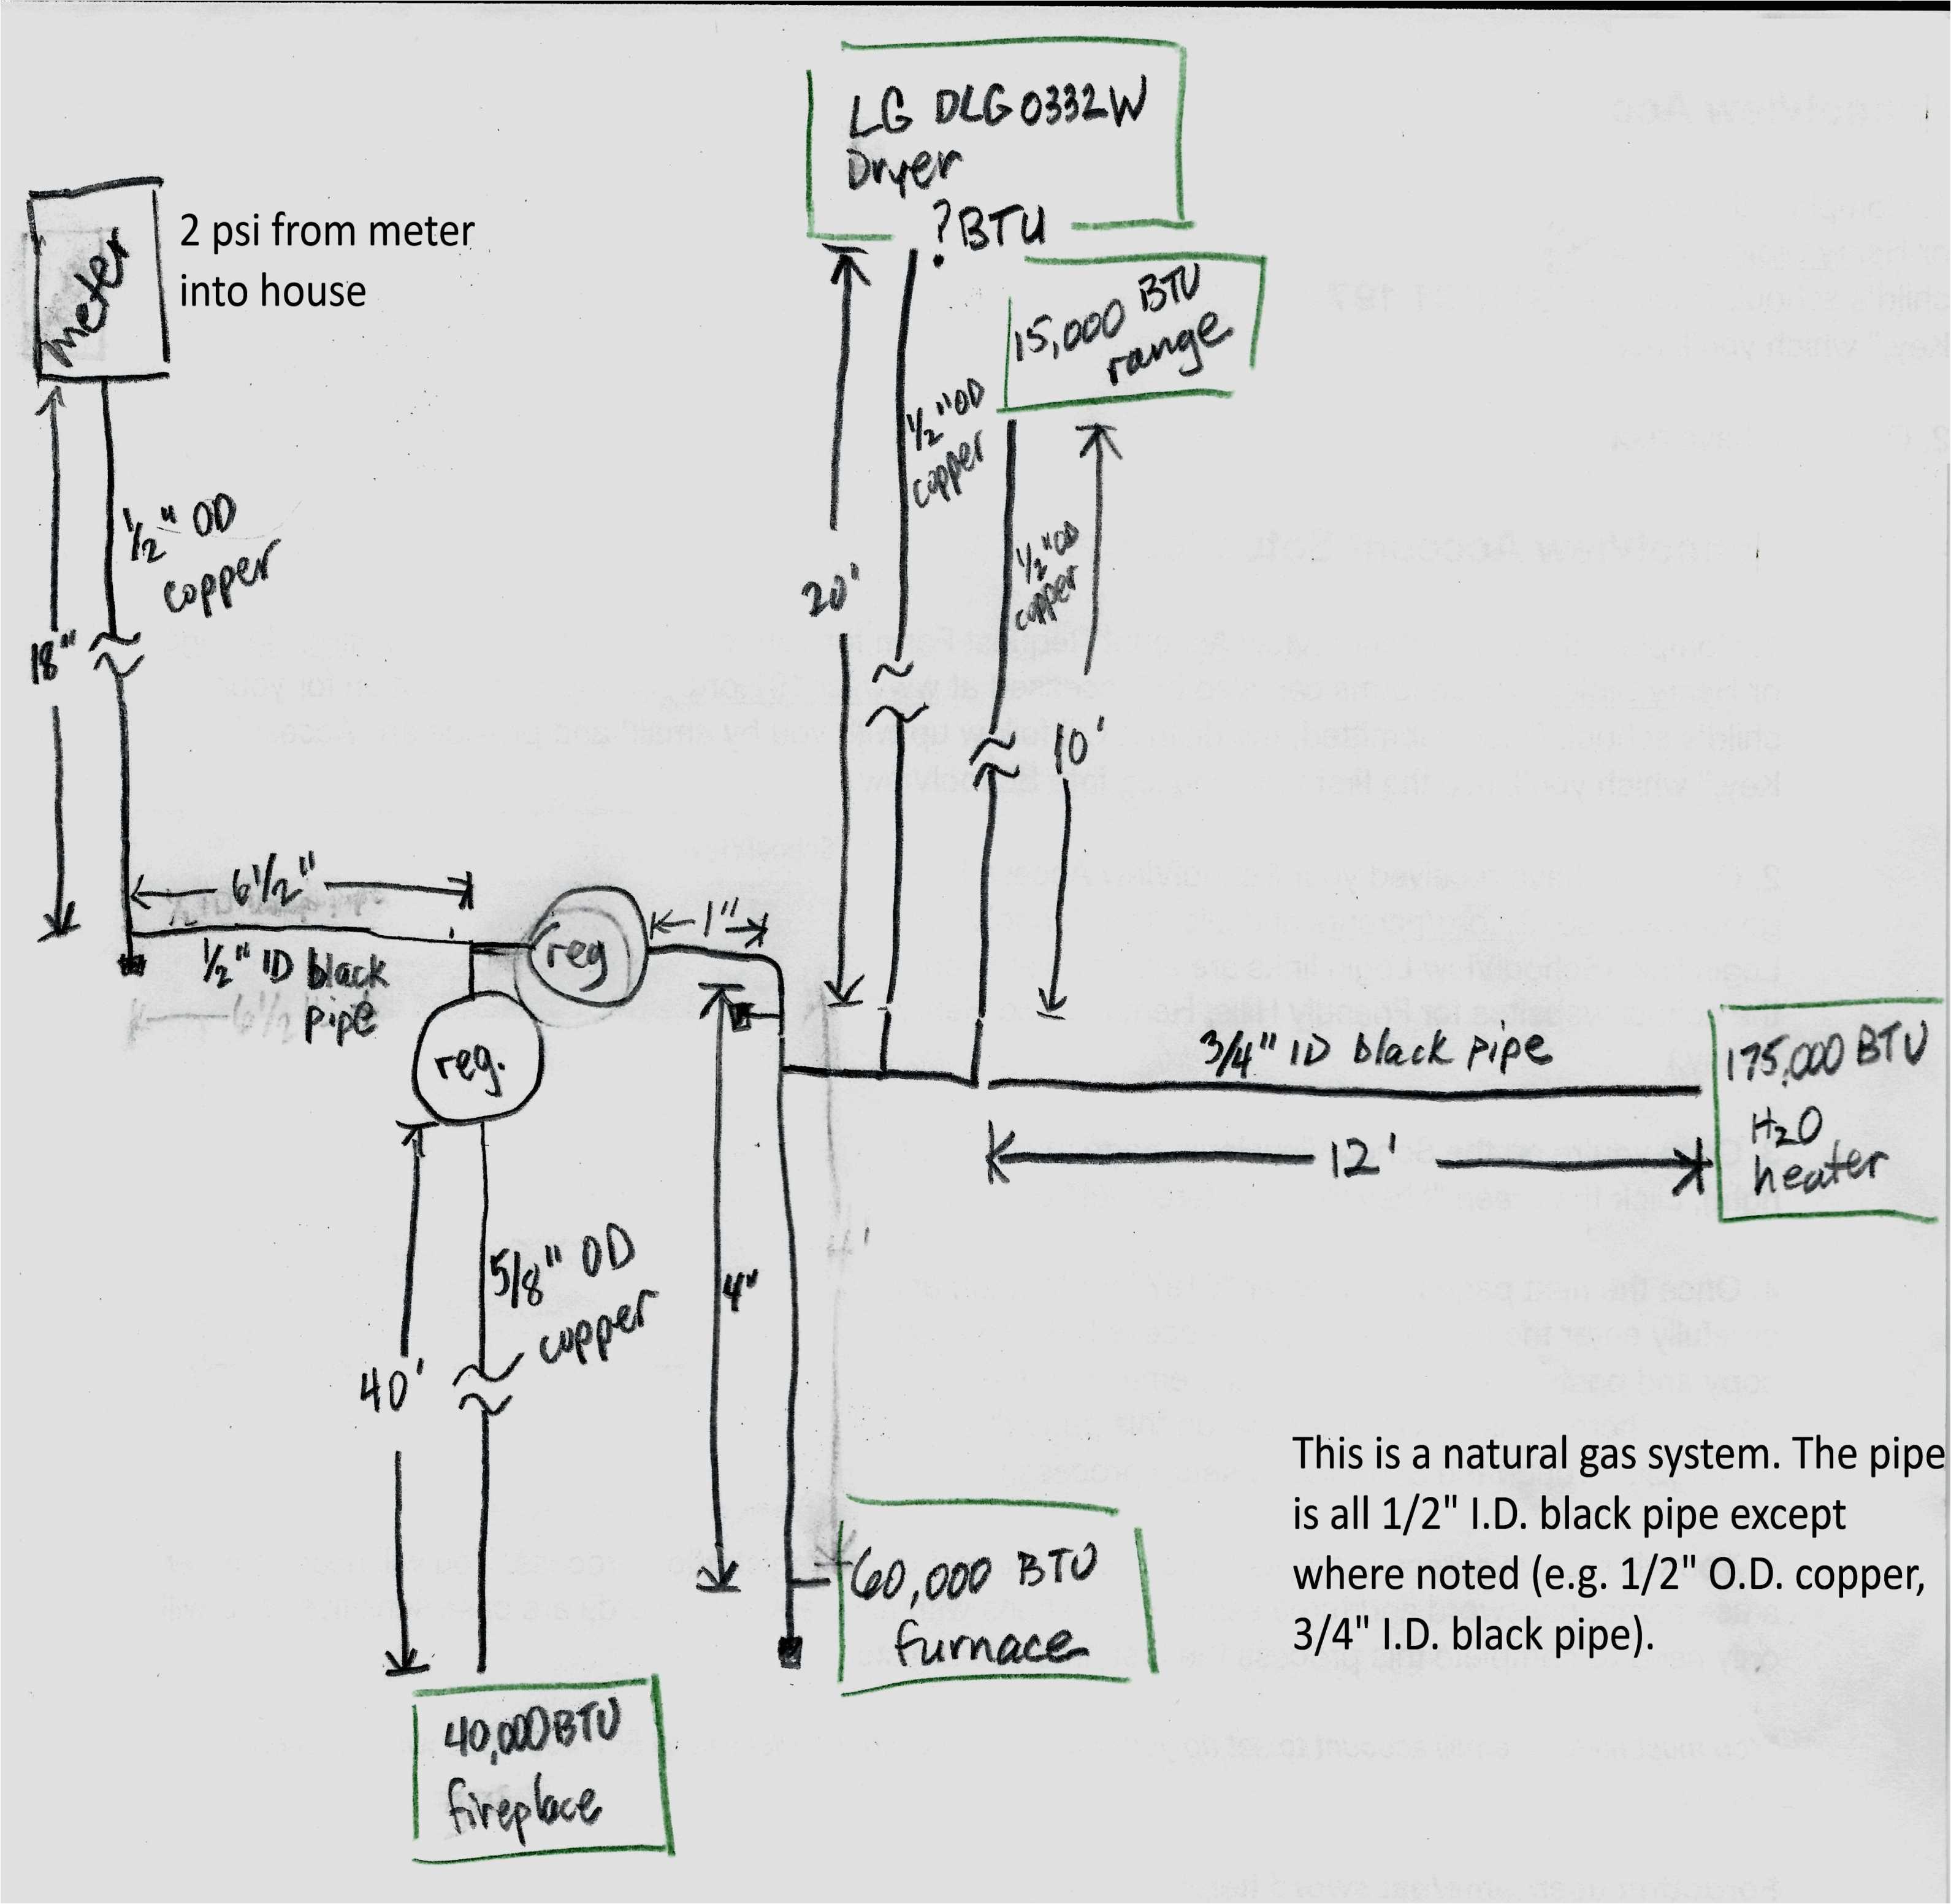 110 wiring diagram fan switch reostat wiring diagram centre 110 wiring diagram fan switch reostat